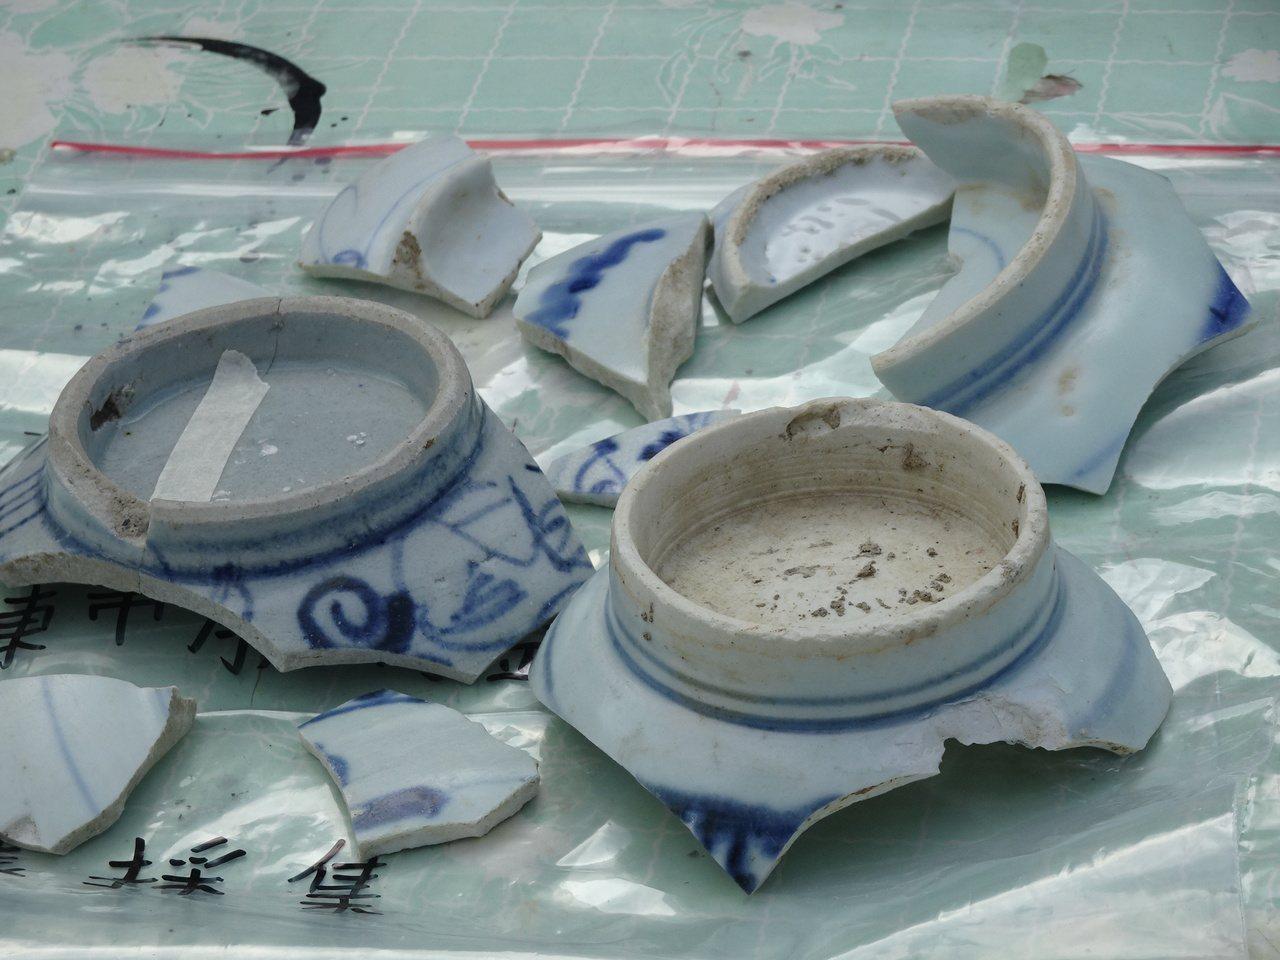 南藝大教授盧泰康認定這些瓷碗片應是清朝貿易瓷。記者翁禎霞/攝影